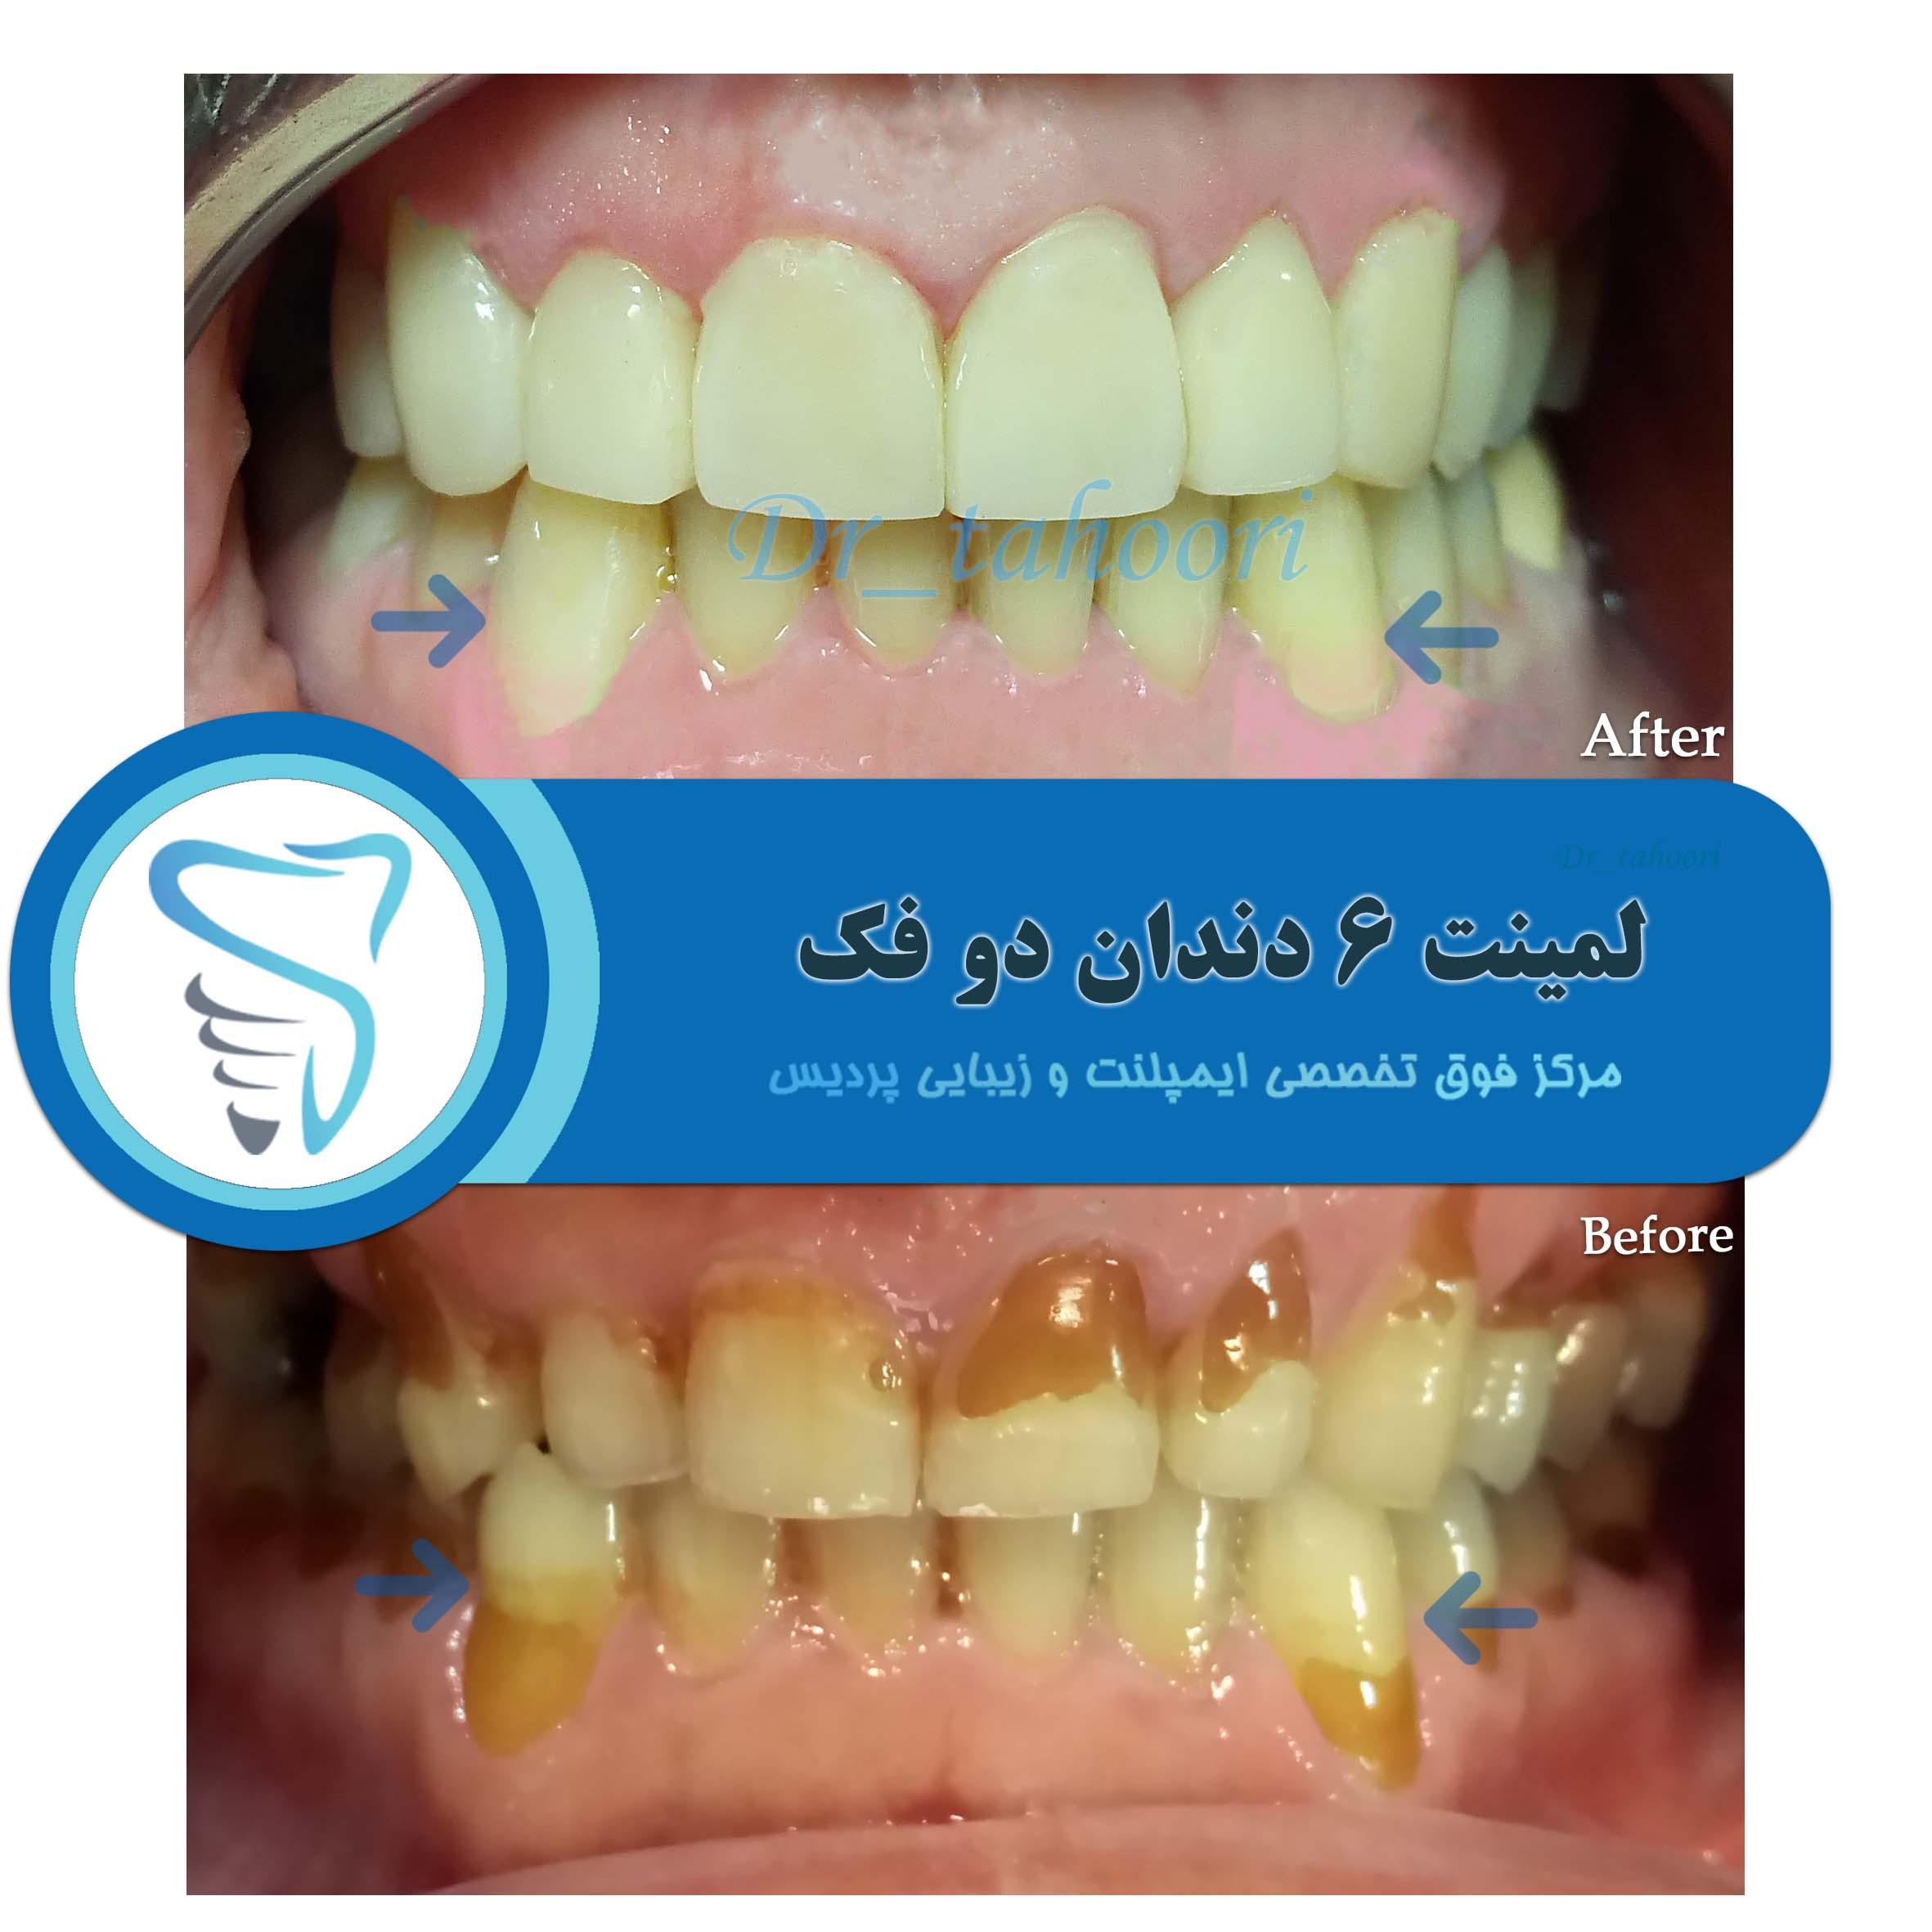 تغییر فلور دهان و ایجاد پوسیدگی دندان